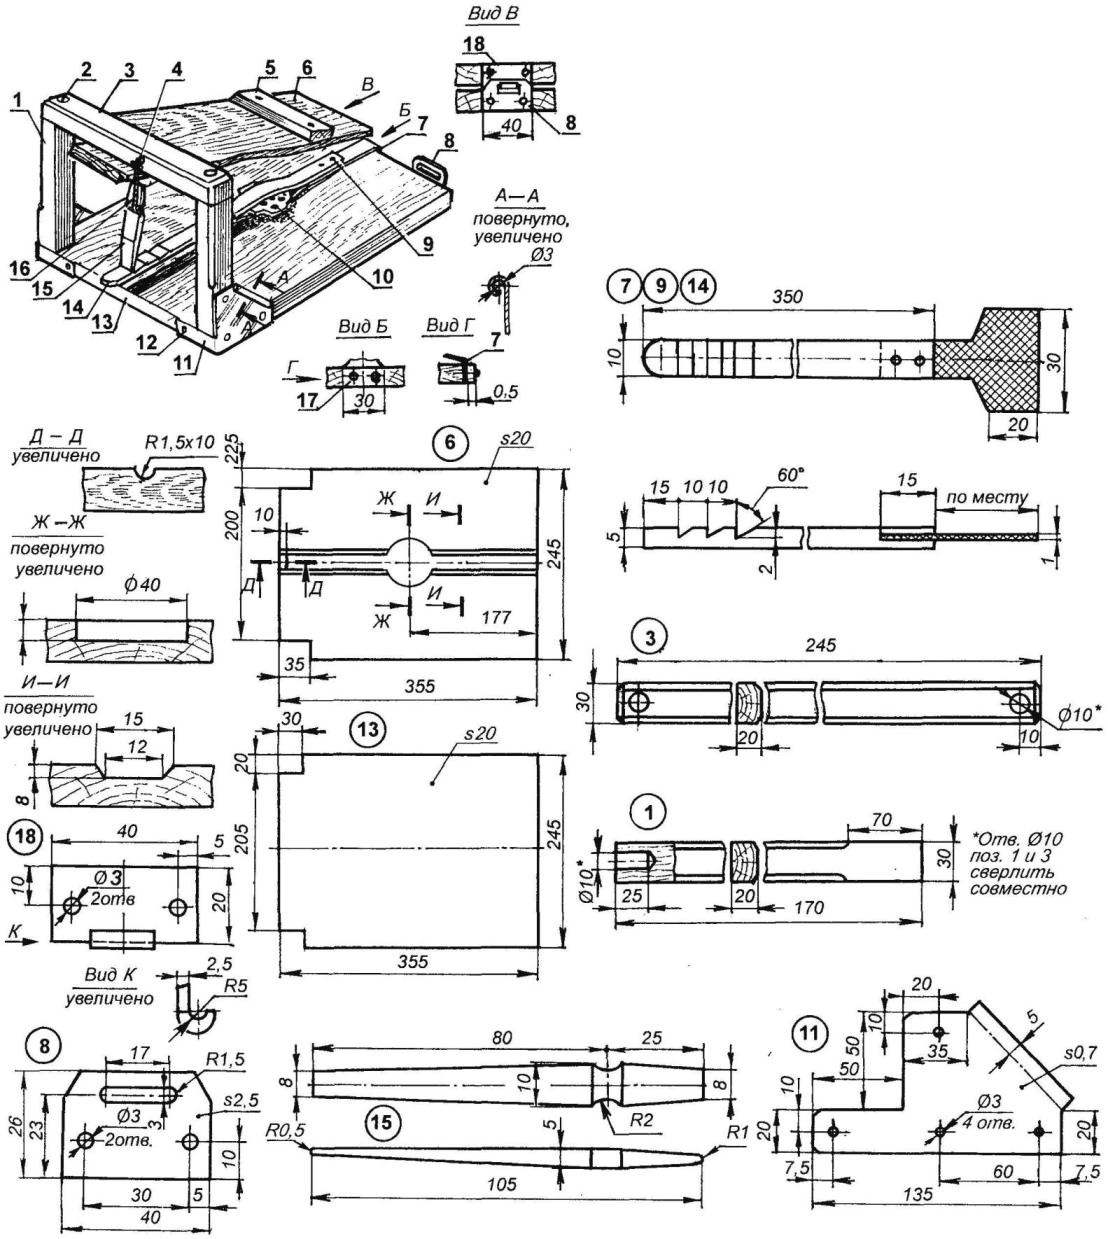 Механическое устройство для уничтожения мышей и крыс